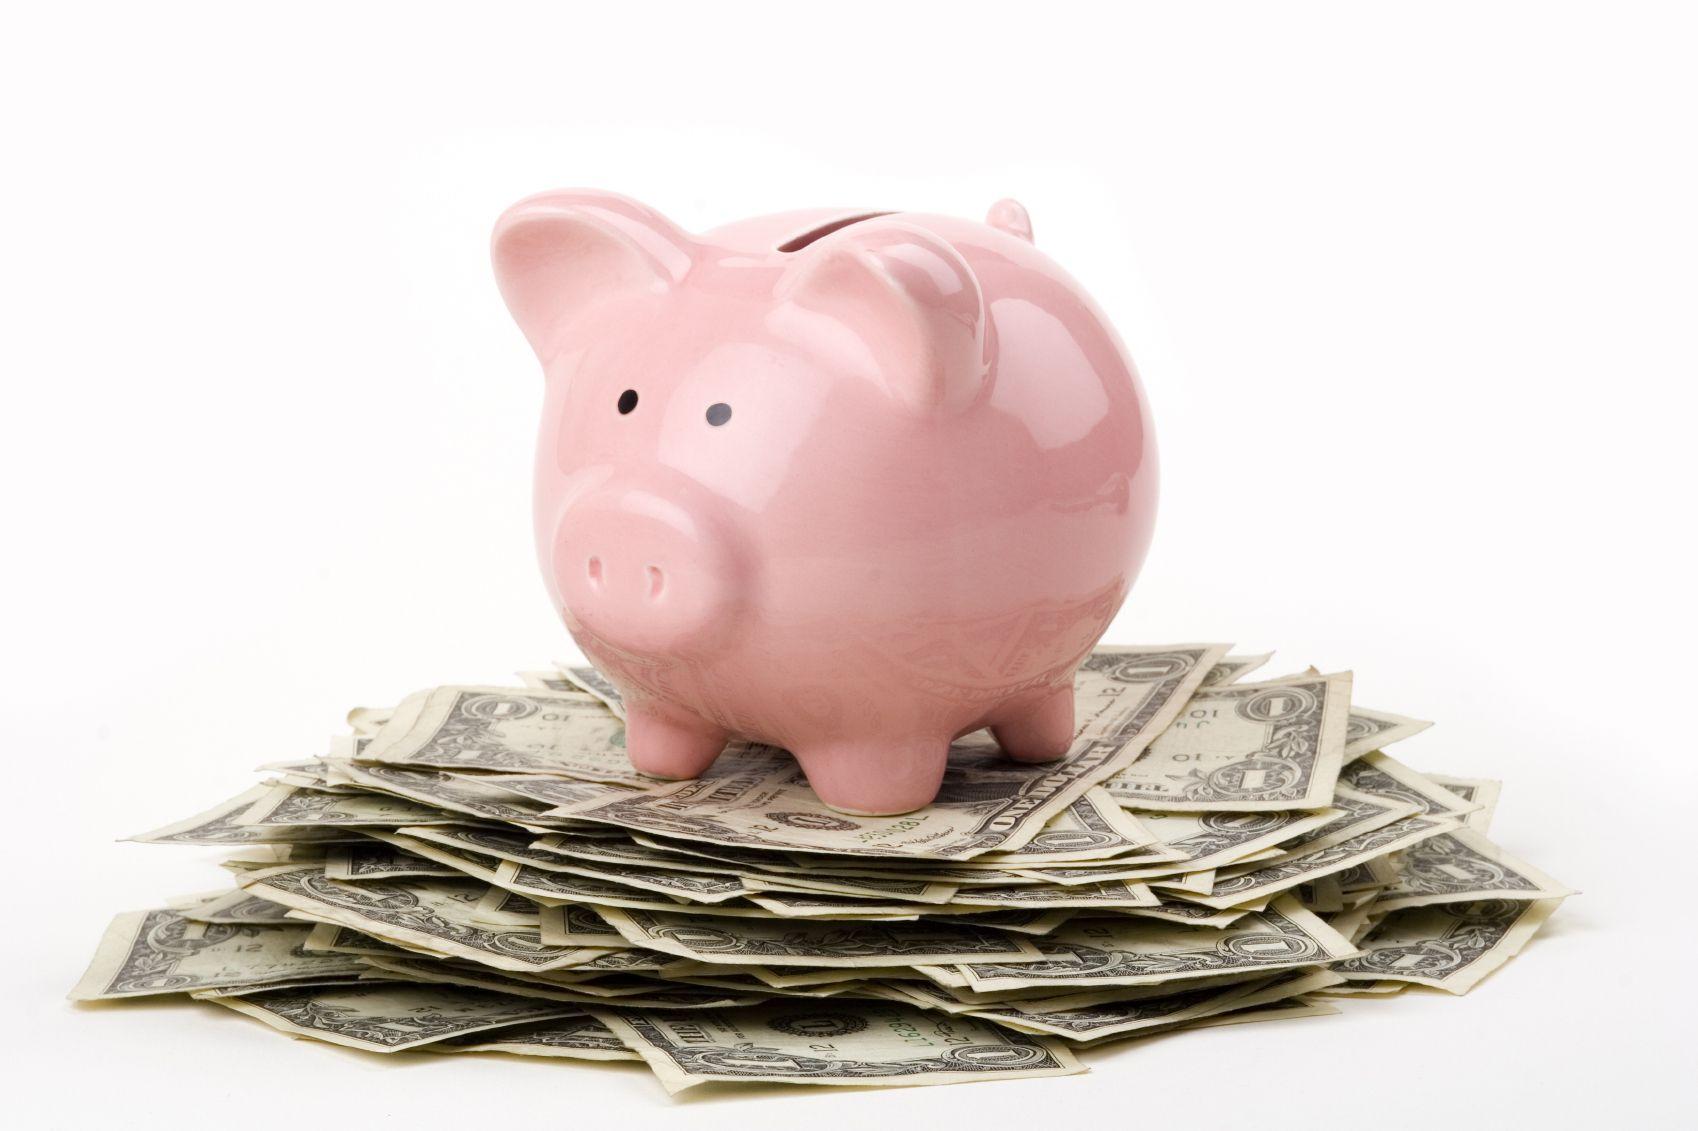 dicas para poupar dinheiro